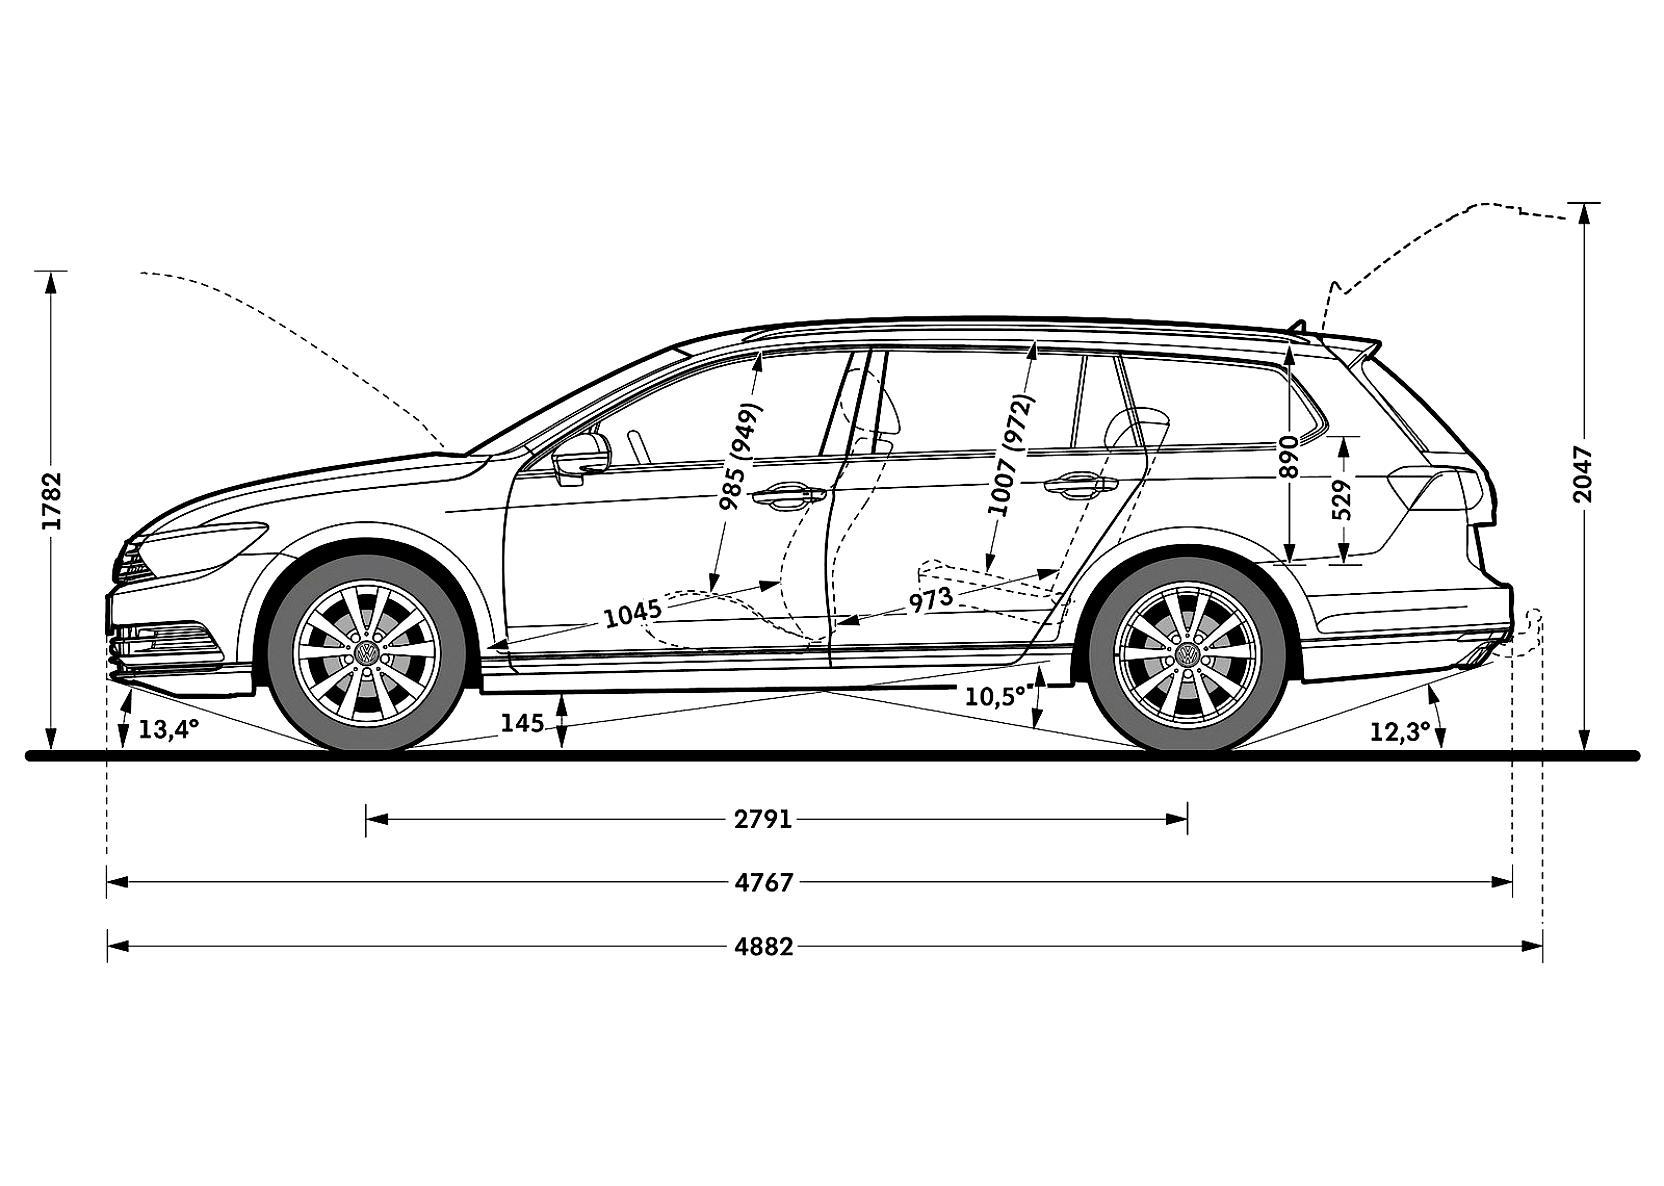 Volkswagen Passat Variant 2014 on MotoImg.com